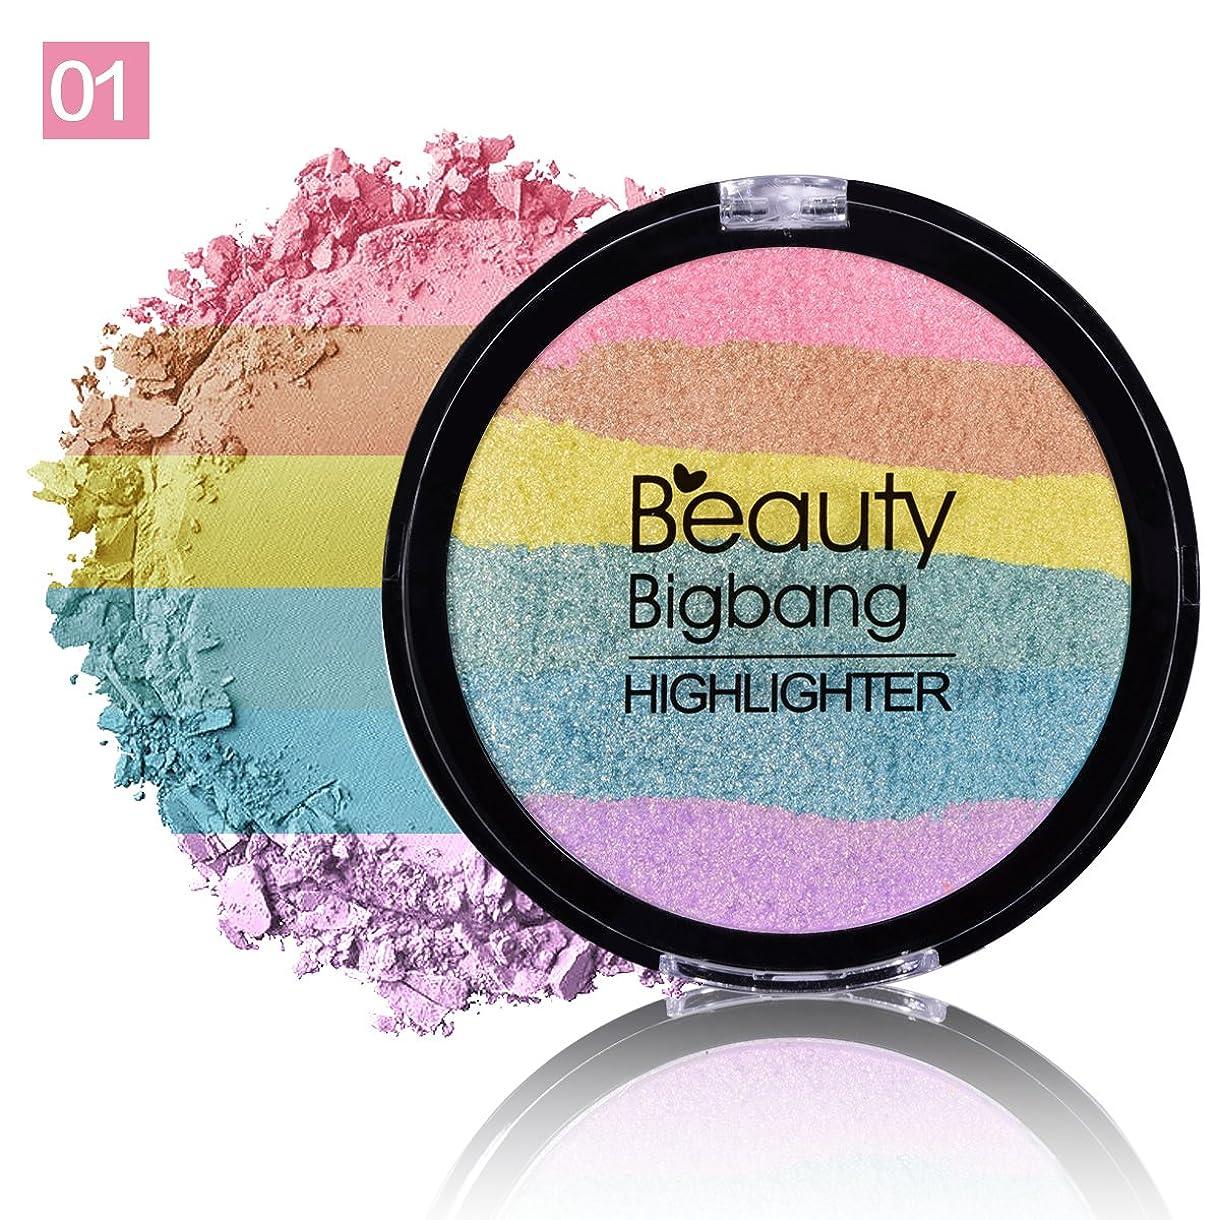 サークル数エキスパートMyMei かわいい 虹色 ハイライター ハイライト フェイスパウダー 化粧品 メークアップ (1C)